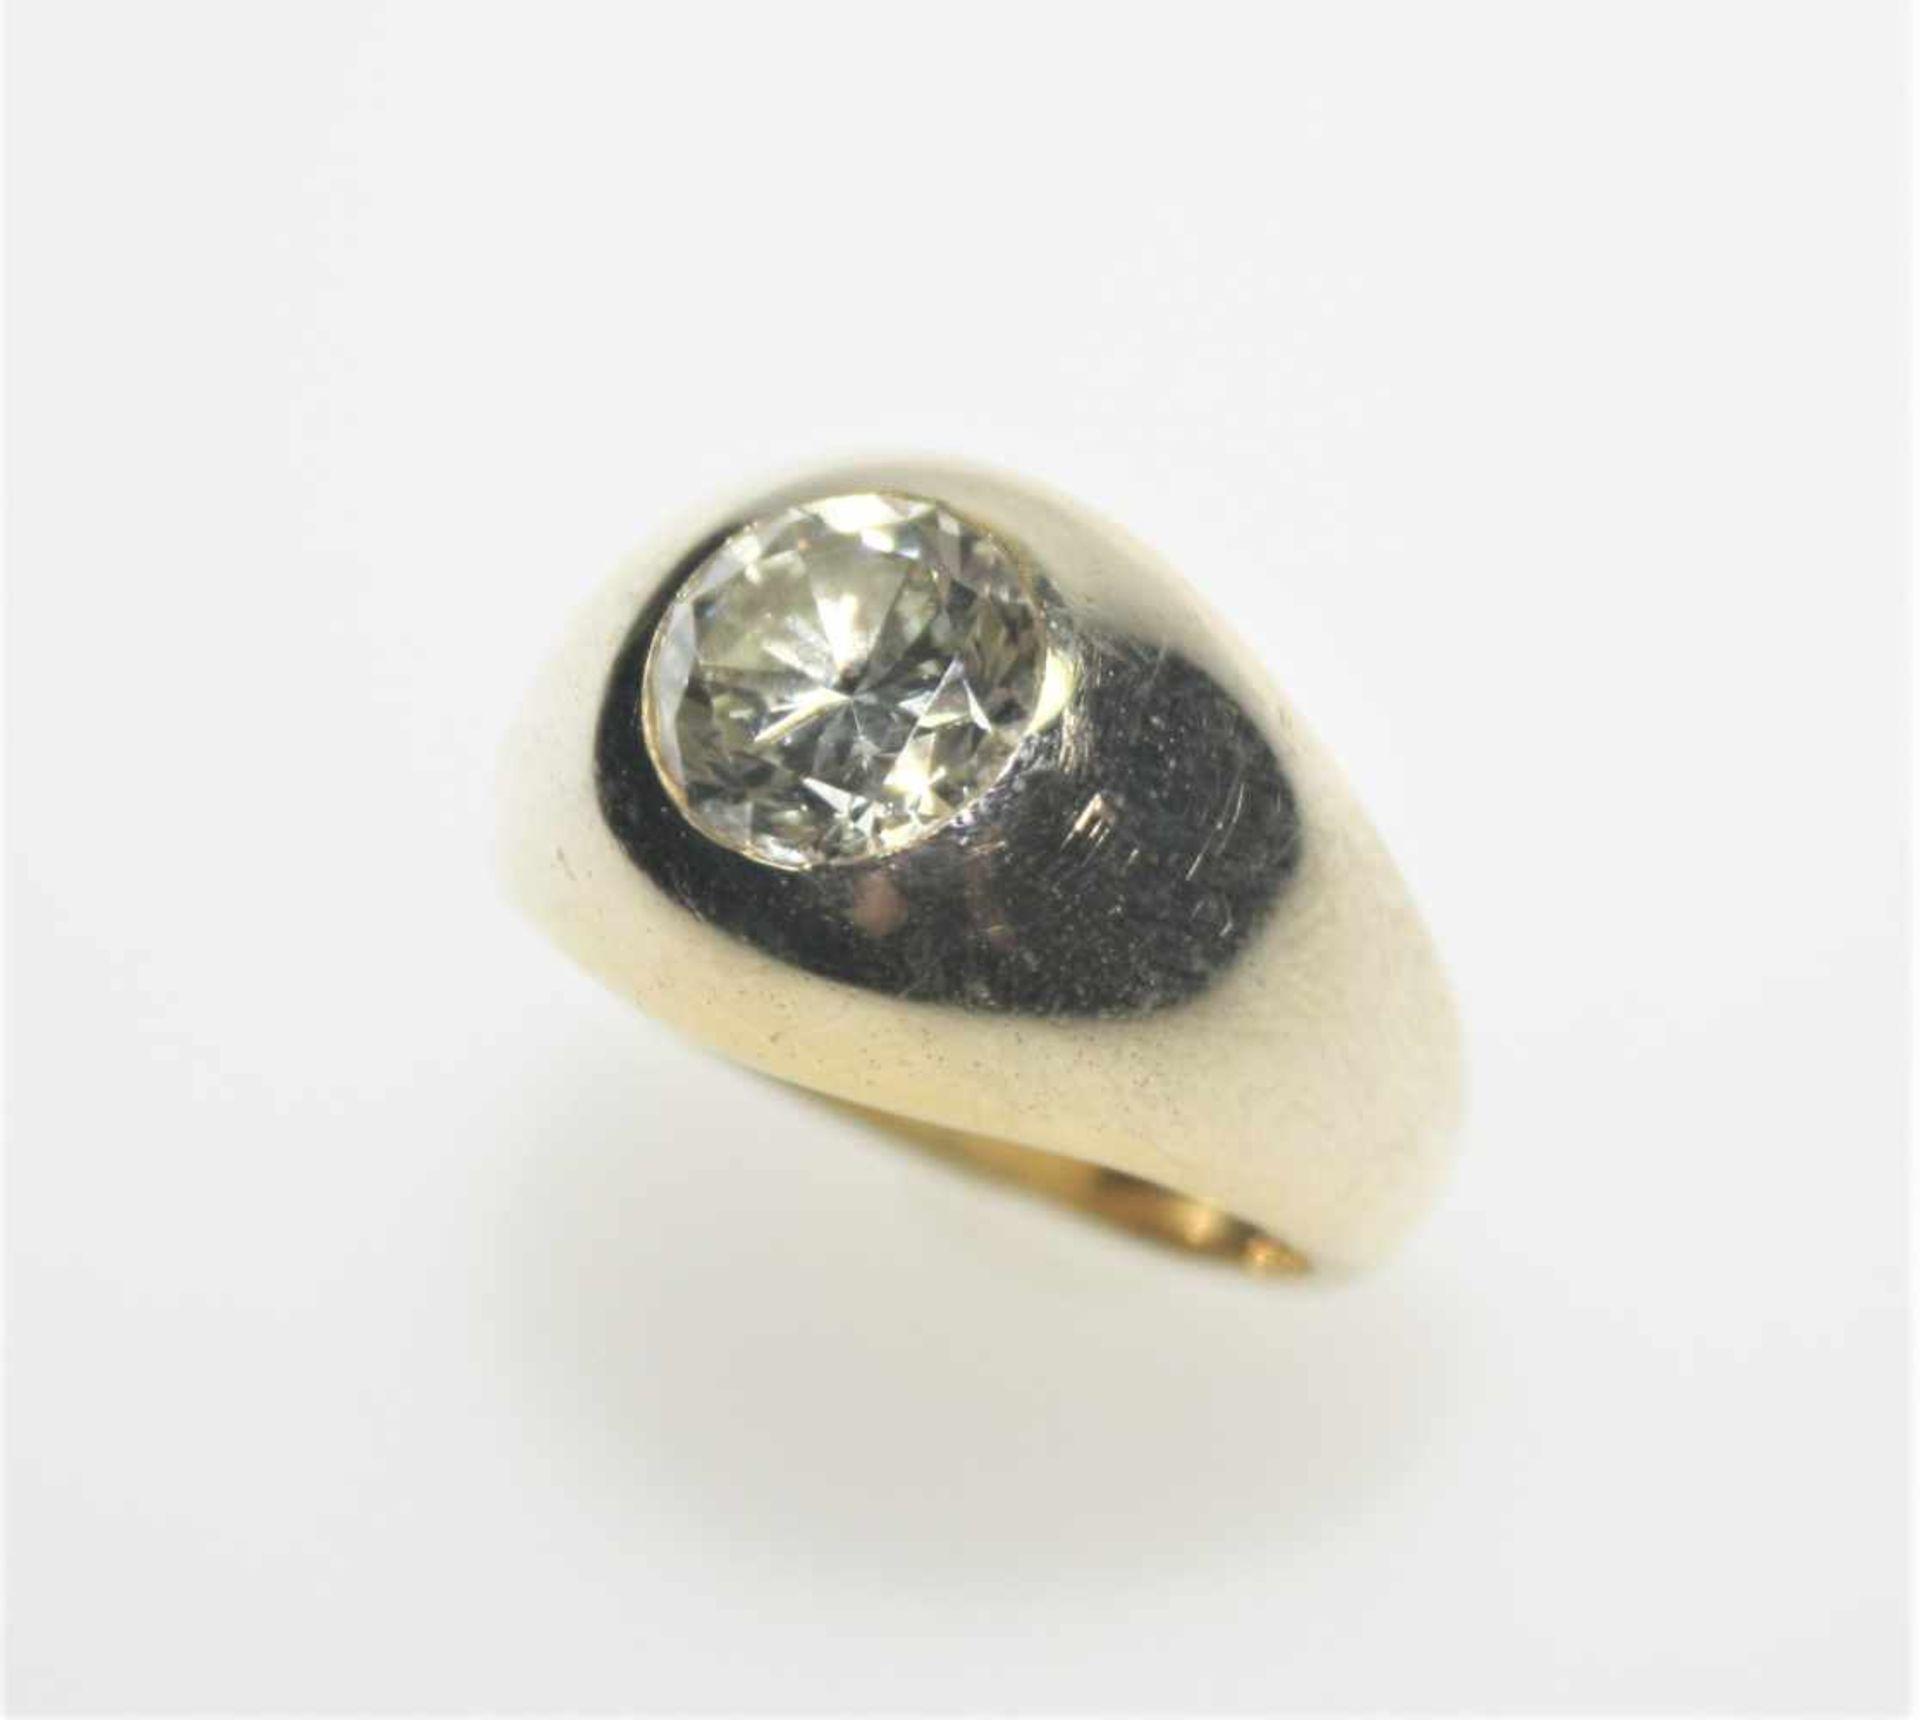 Goldener Bandring 585/f gest. mit einem Diamantsolitär ca. 2,50 ct, champagnerfarbig mit kleinen